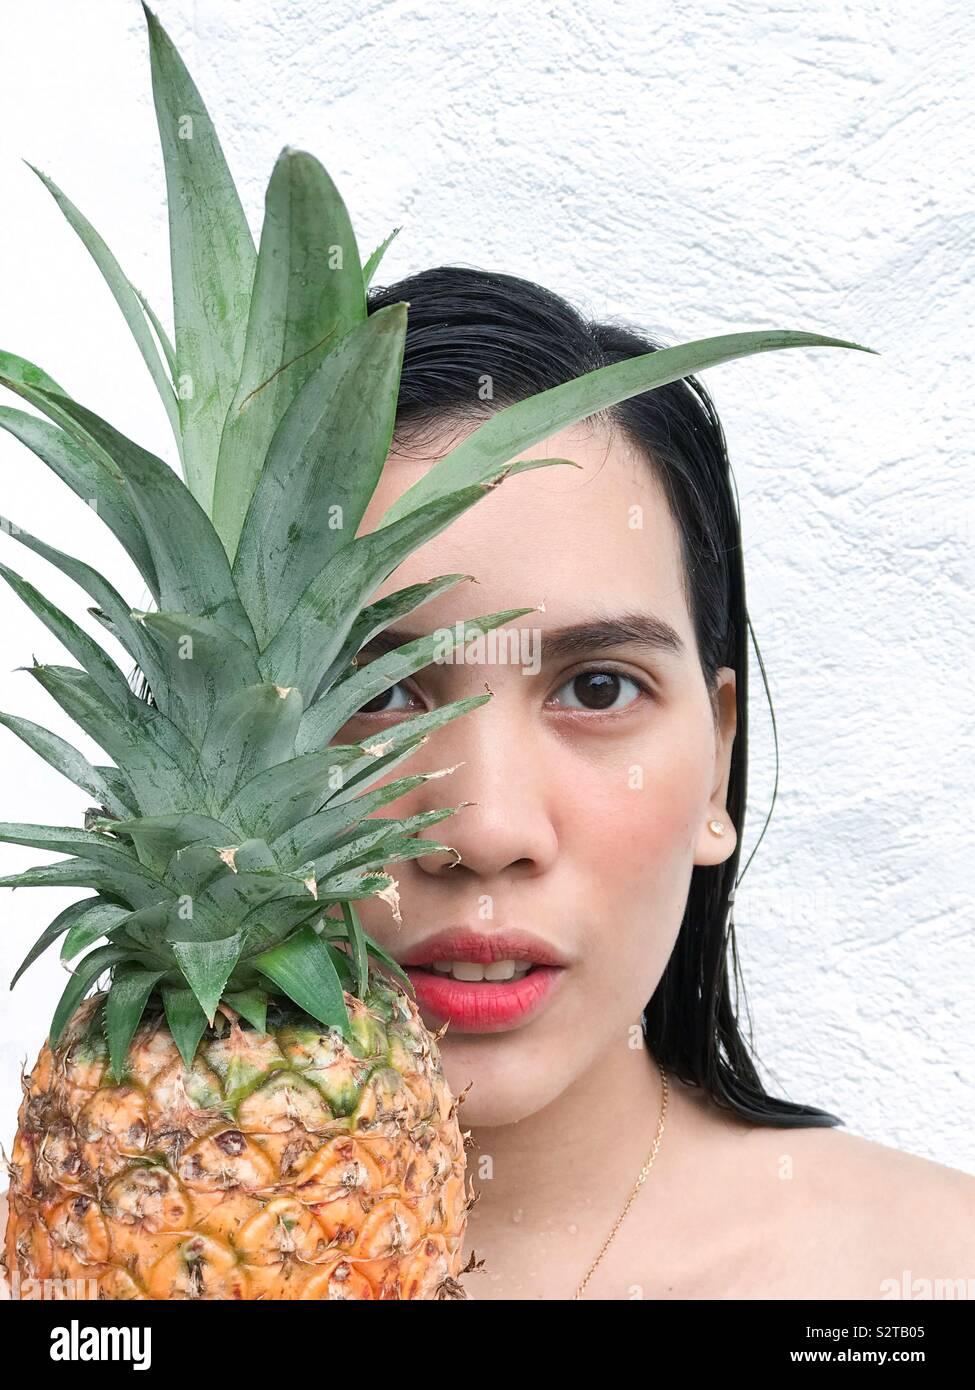 Ser una piña - firmes, desgaste de una corona. 👸 Foto de stock